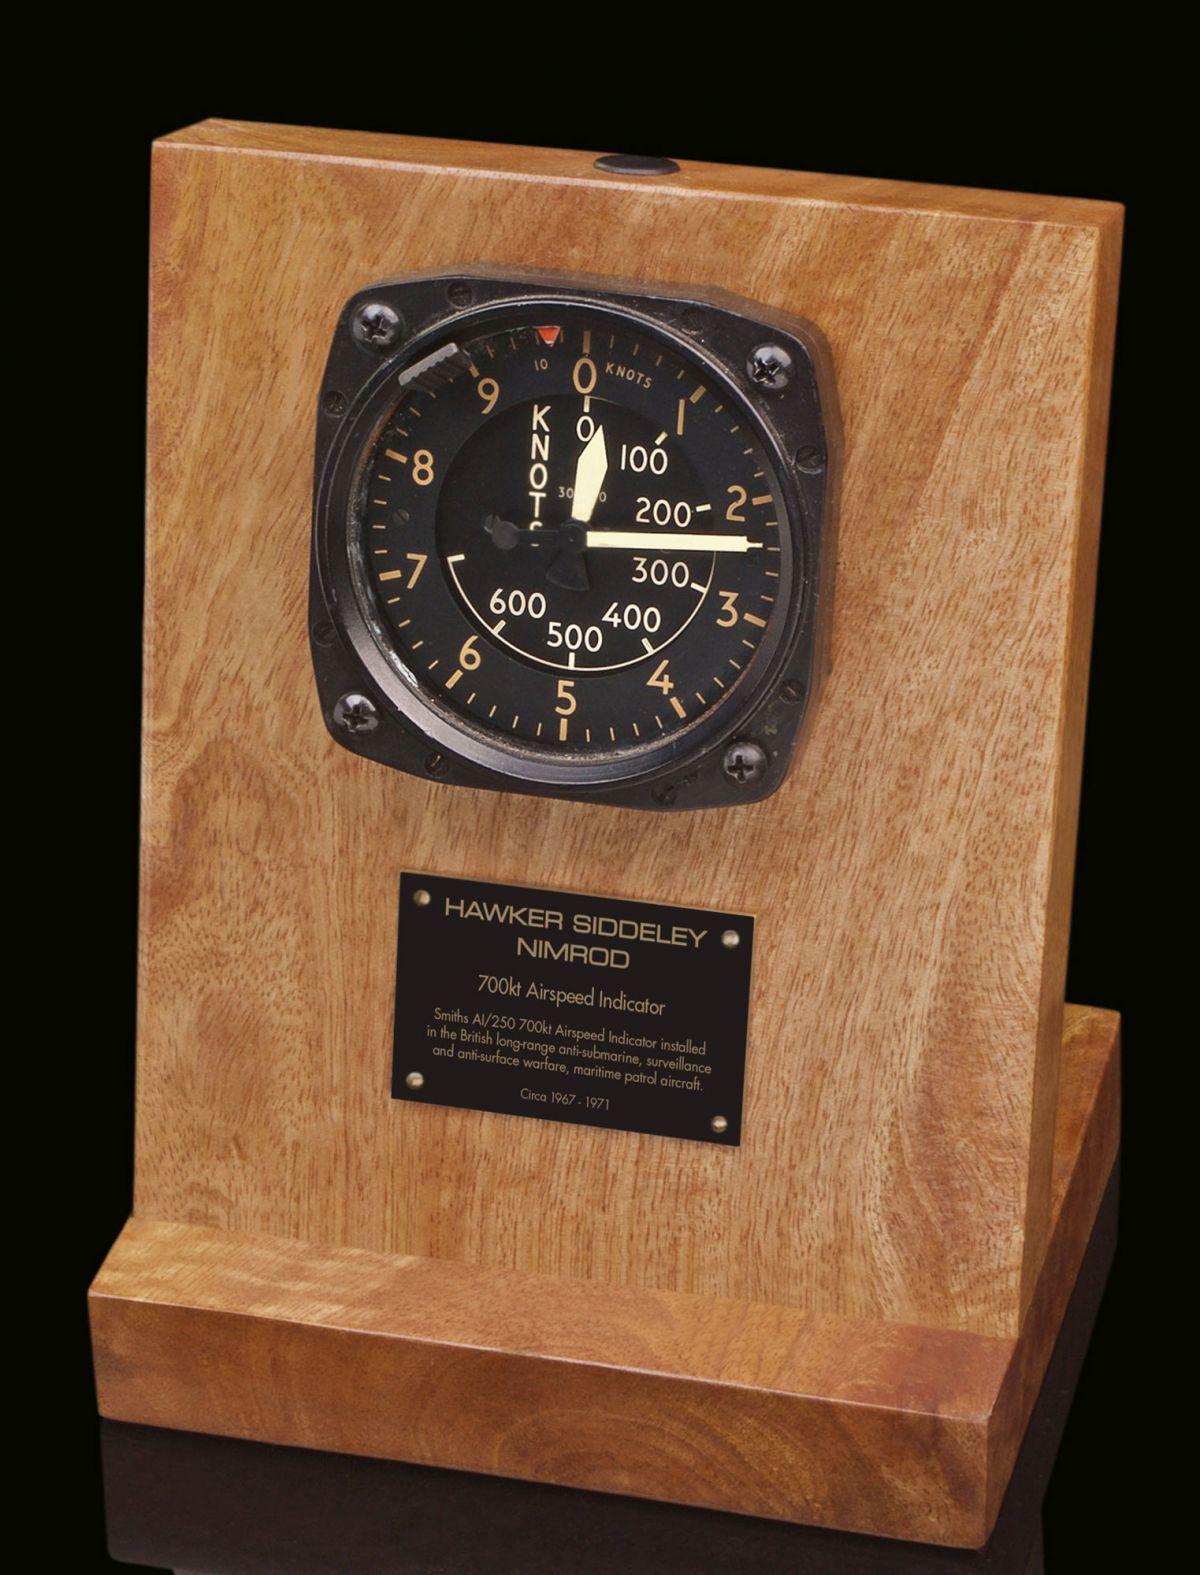 HAWKER SIDDELEY NIMROD 700kt AIRSPEED INDICATOR